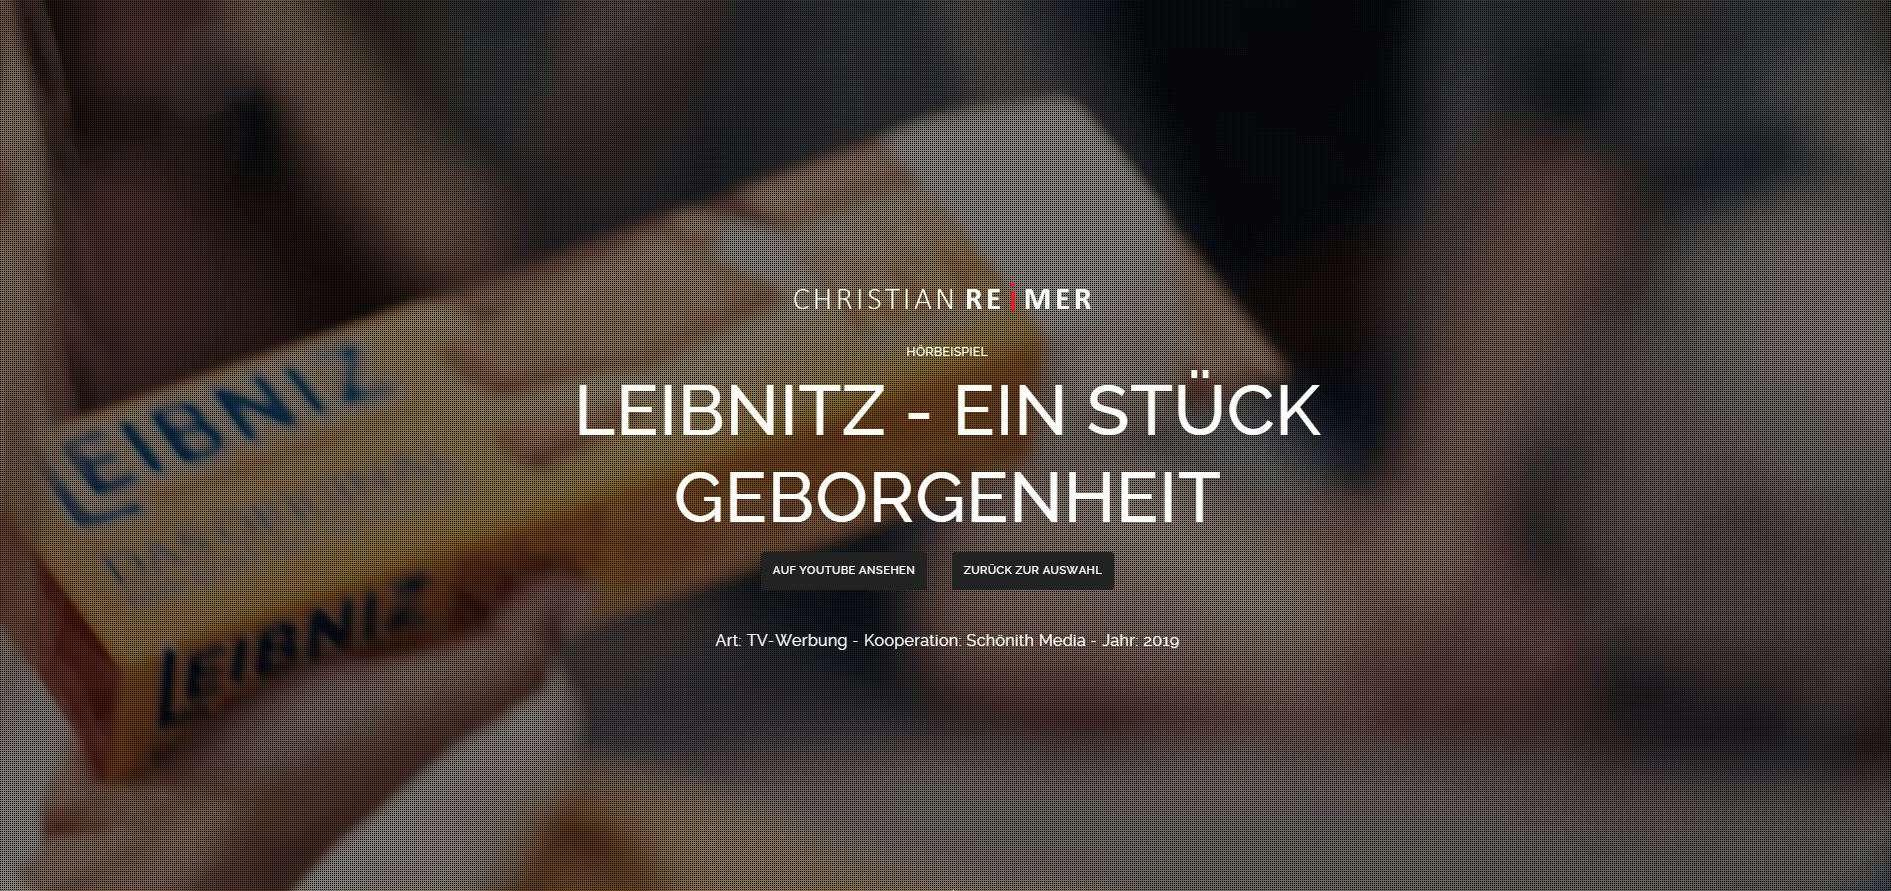 Leibnitz - Ein Stück Geborgenheit TV Spot Hörbeispiel Sprecher Christian Reimer